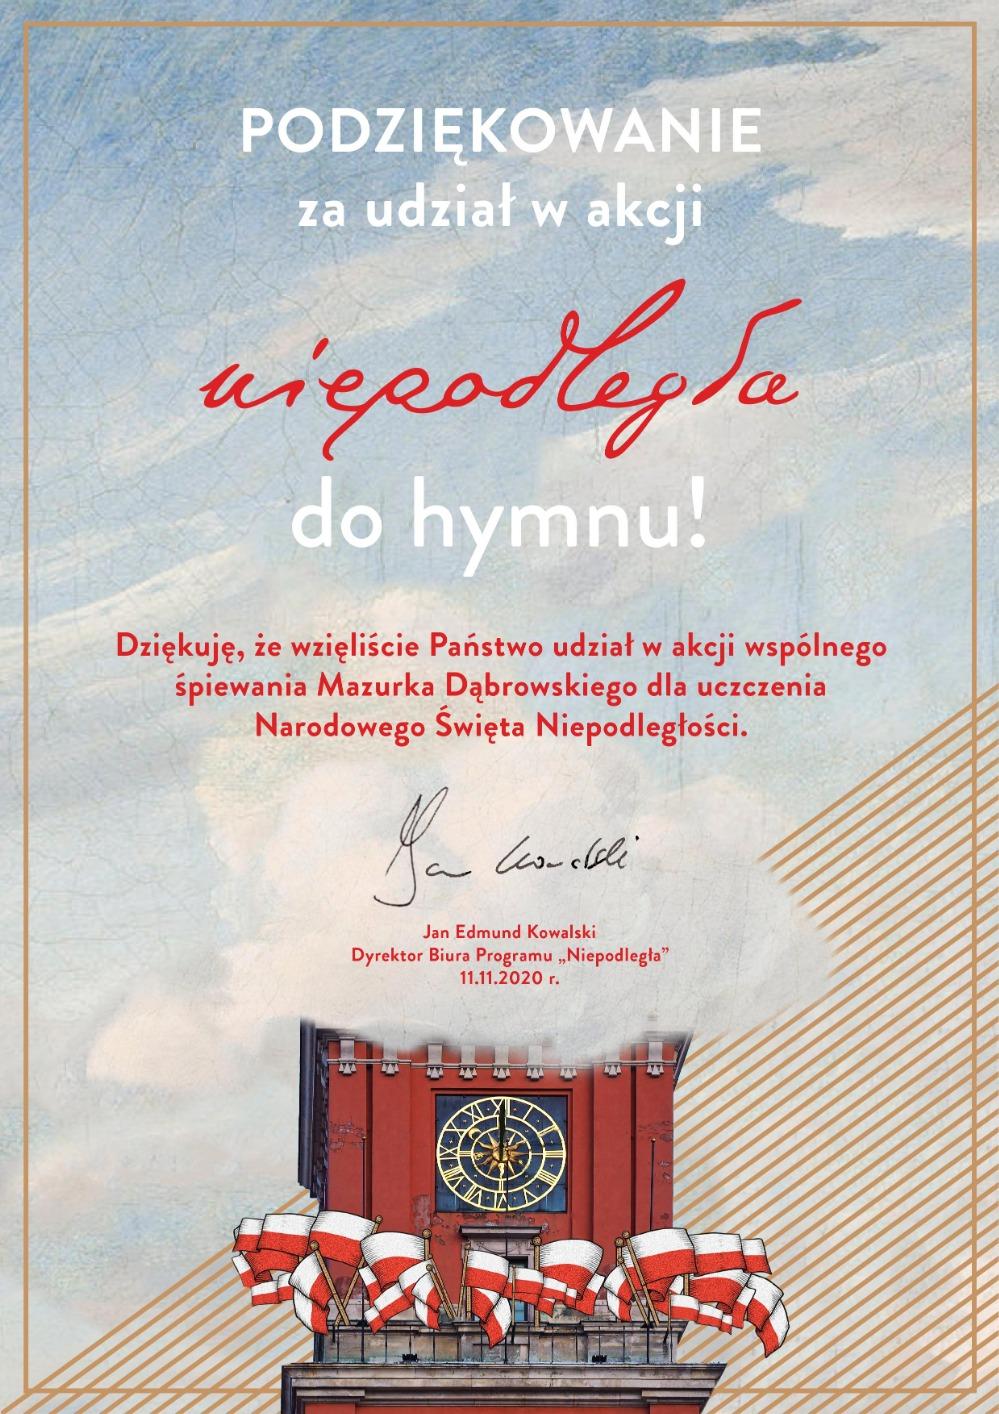 11. Dyplom - podziękwanie -  niepodległa do hymnu - 11.11.2020r.